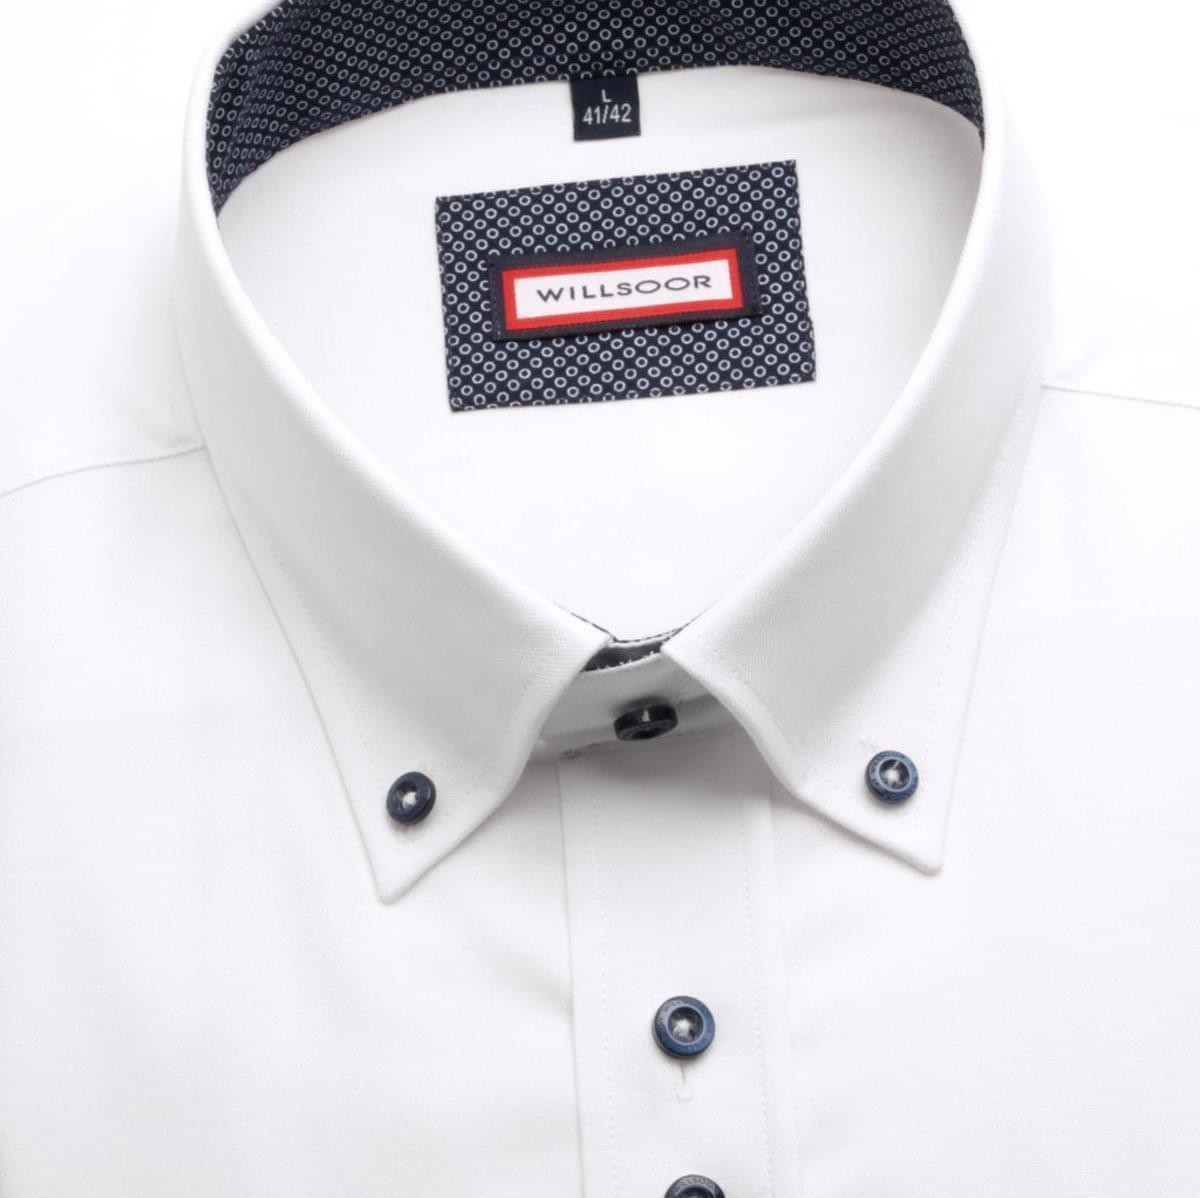 Pánská klasická košile (výška 176-182)4176 v bílé barvě 176-182 / XL (43/44)